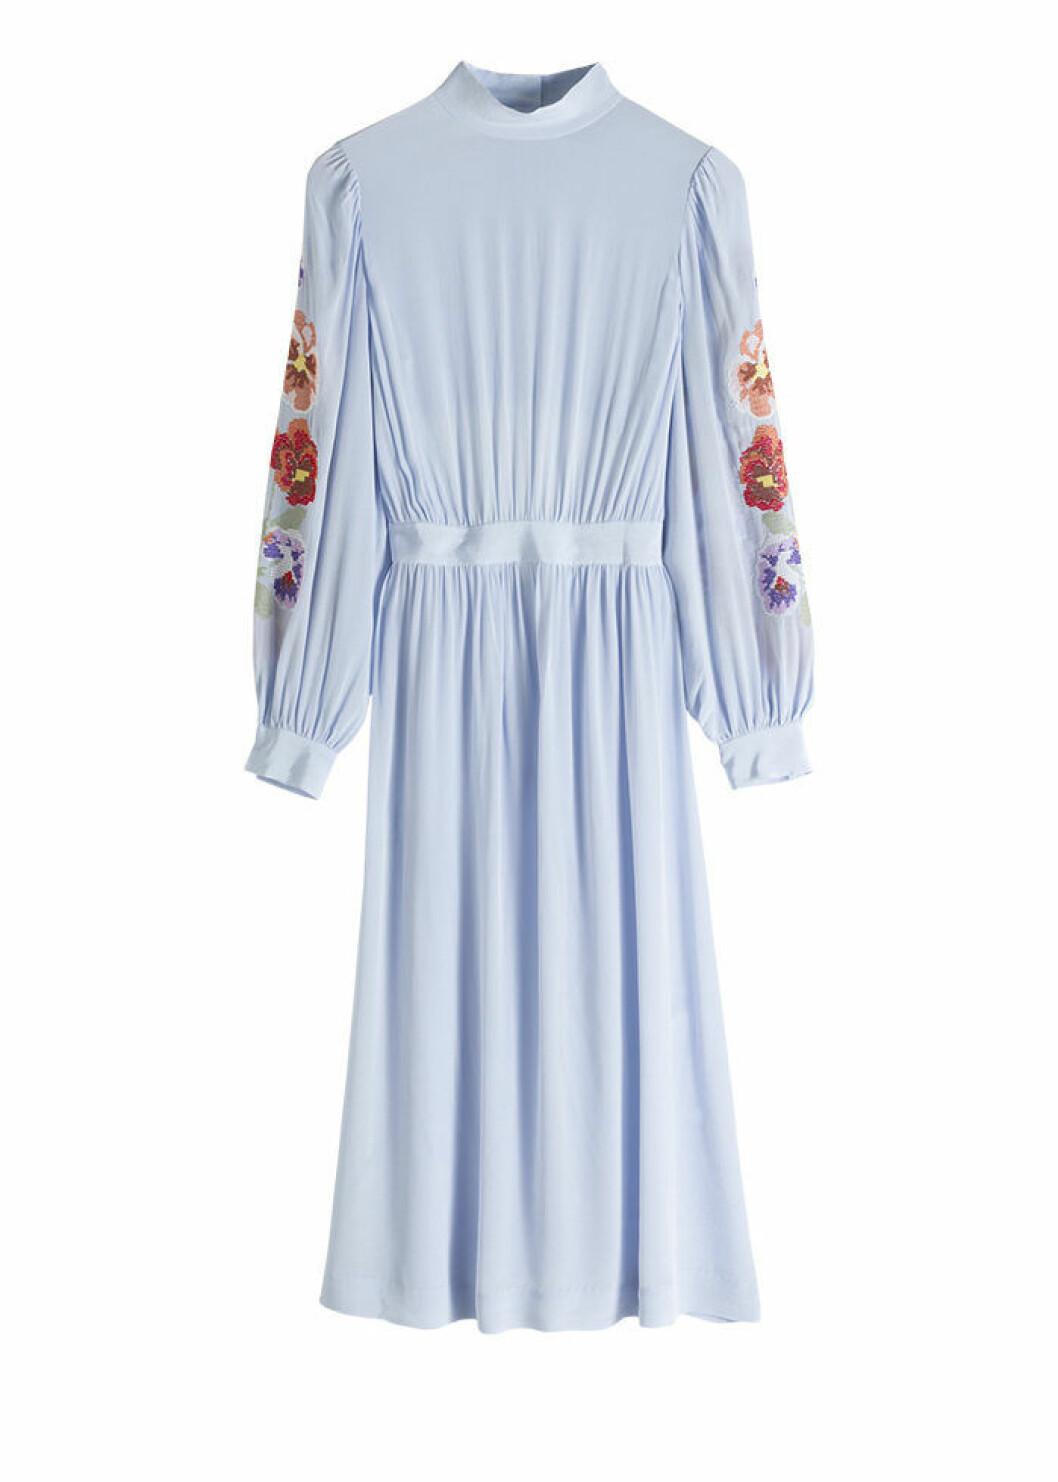 Ljusblå midiklänning med blommigt print på ärmarna